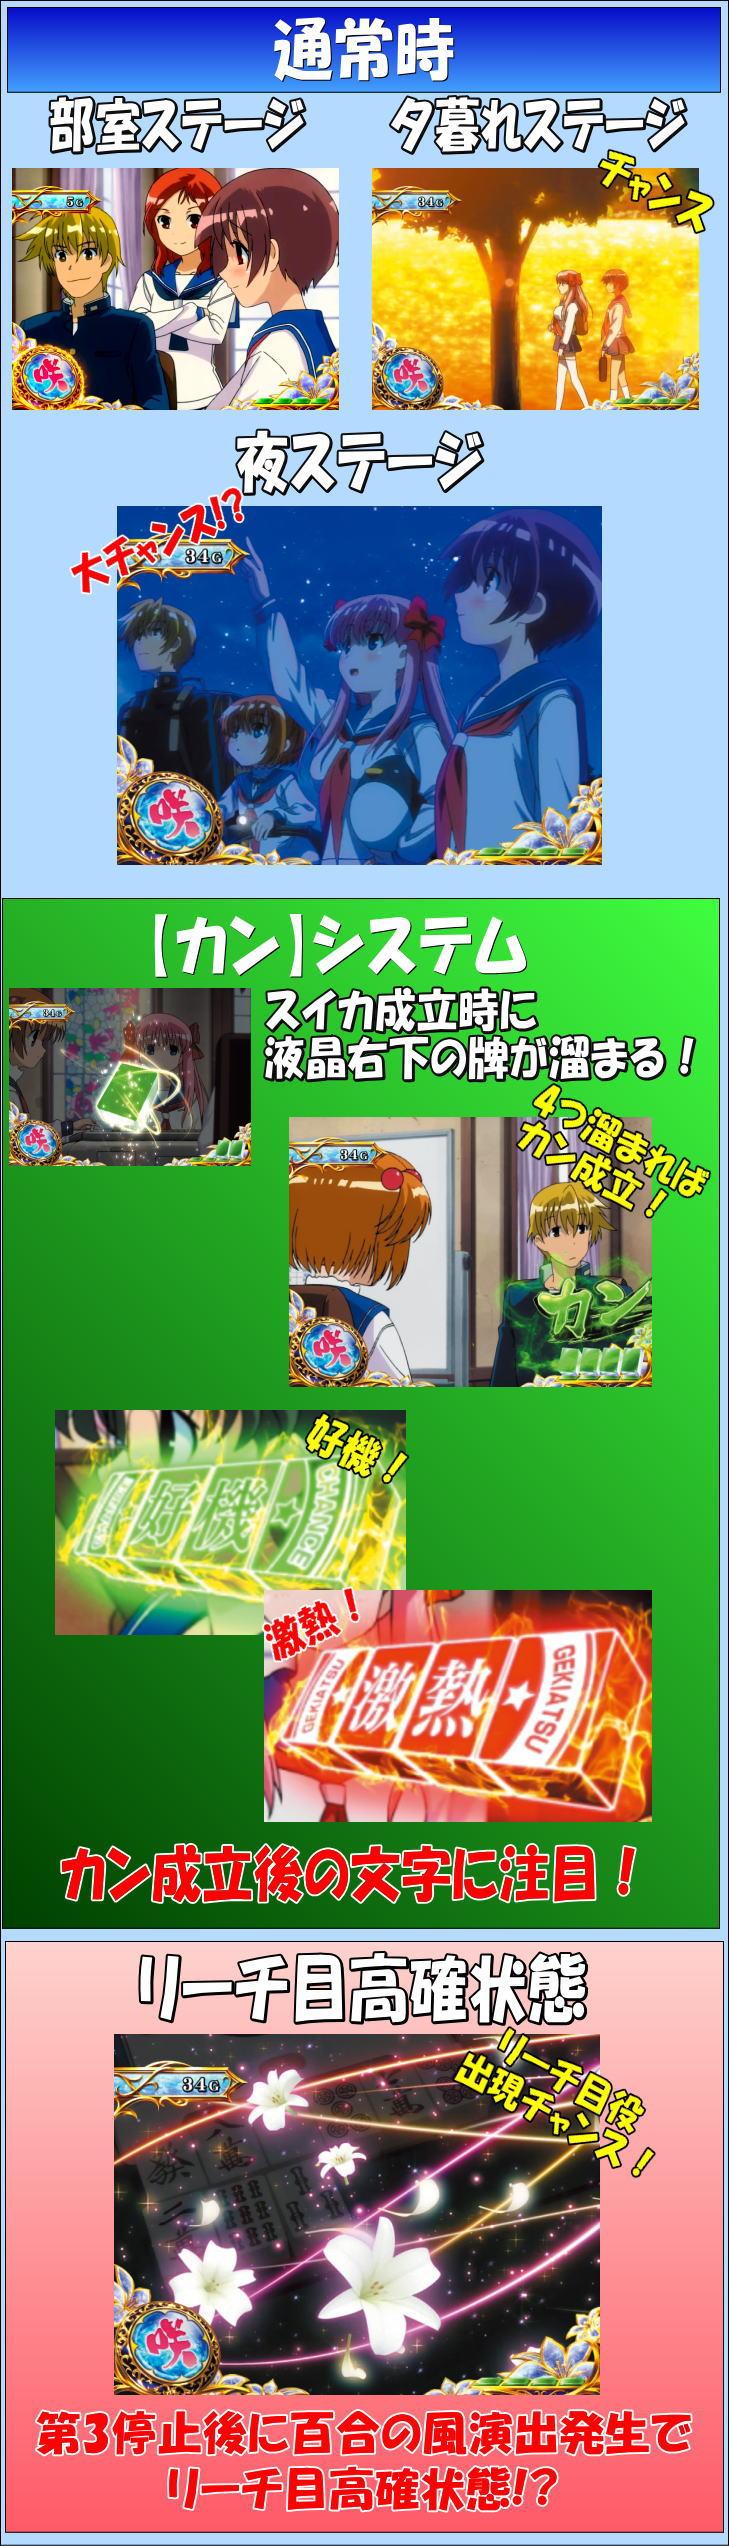 パチスロ咲-Saki-のゲームフロー通常時